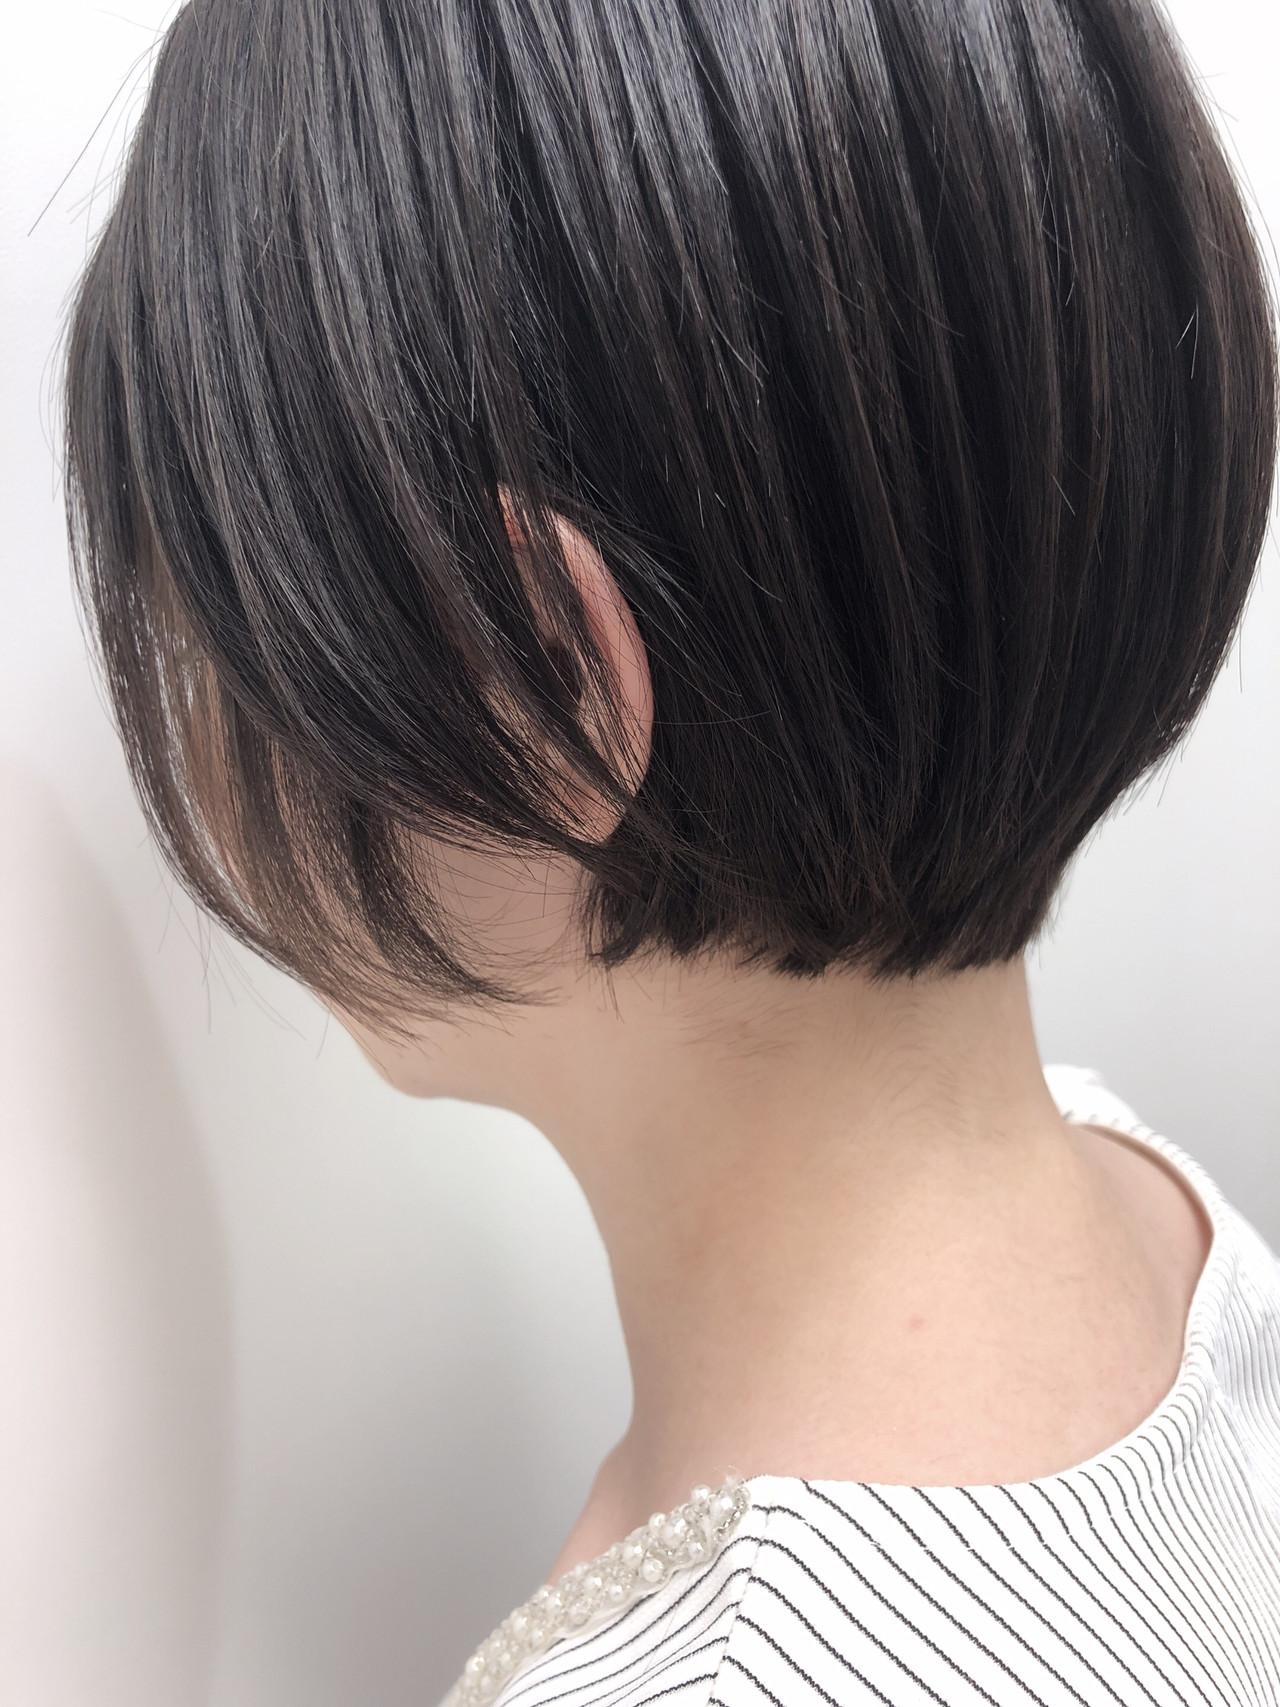 ナチュラル 大人ショート 小顔ショート ショートボブ ヘアスタイルや髪型の写真・画像 | hoshiko dai / Retaaan